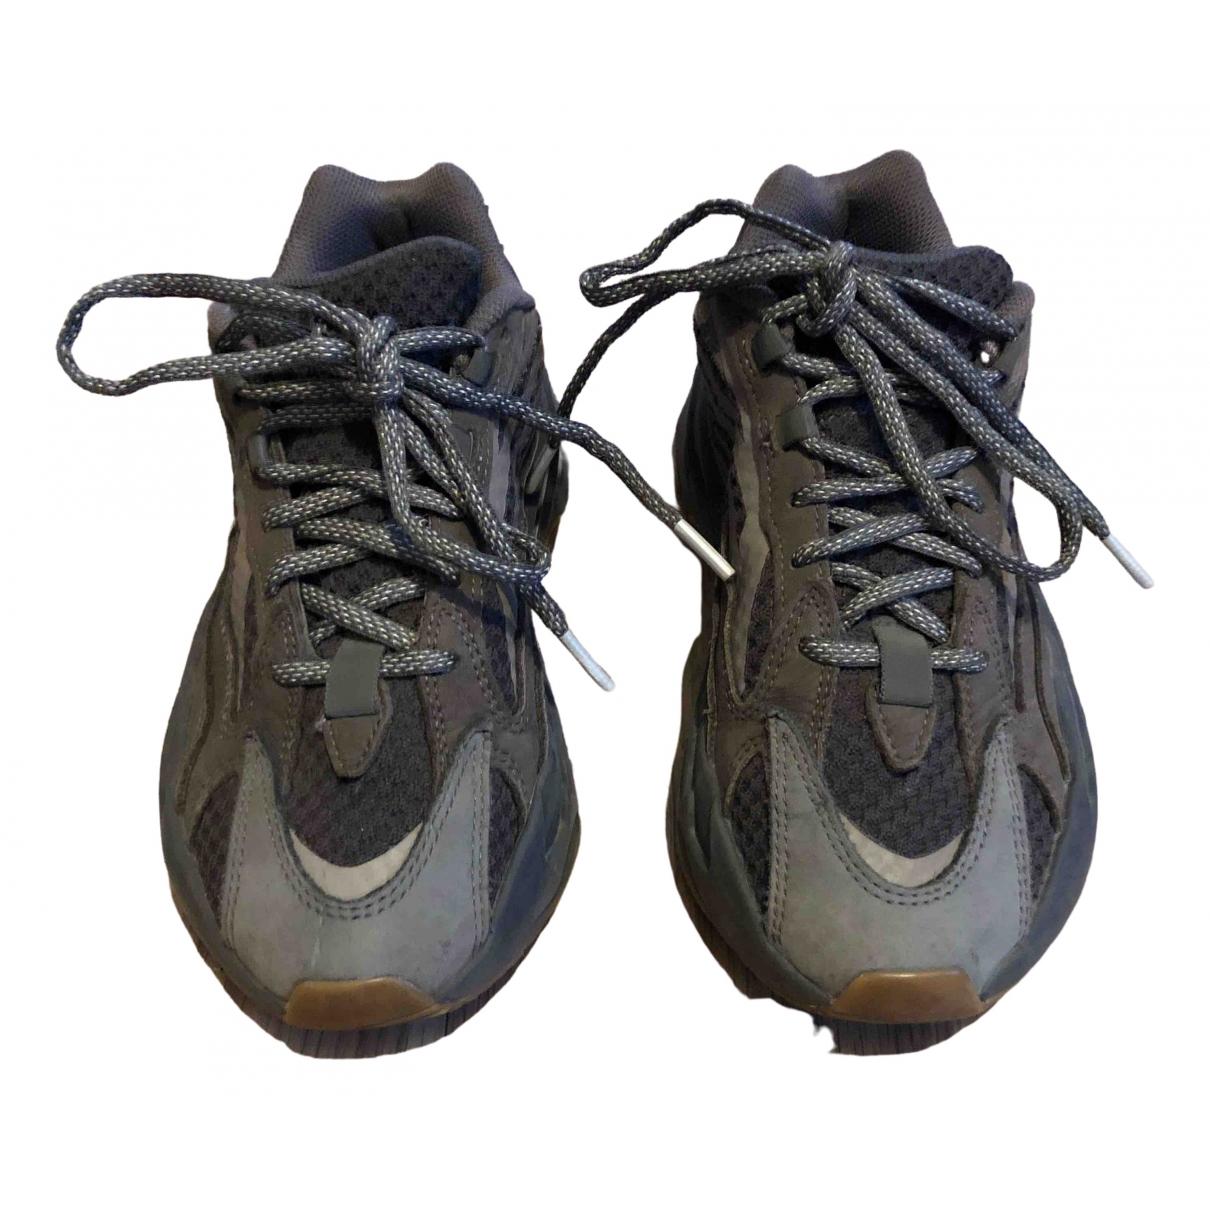 Yeezy X Adidas - Baskets Boost 700 V2 pour femme en cuir - gris